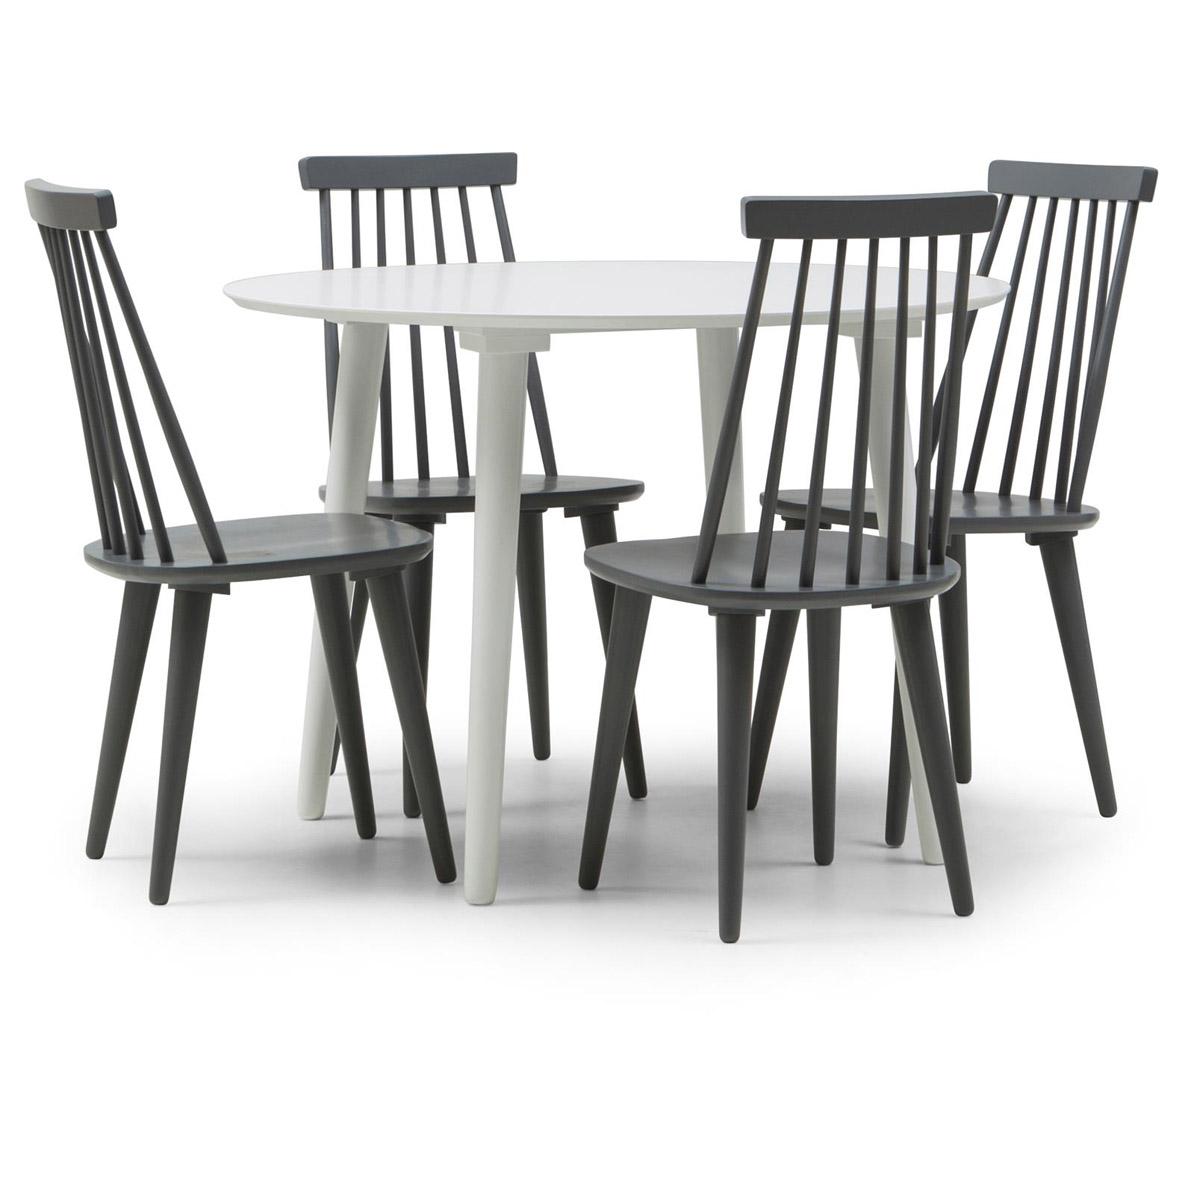 Bohus matgrupp runt bord 106 vit 4 stolar grå